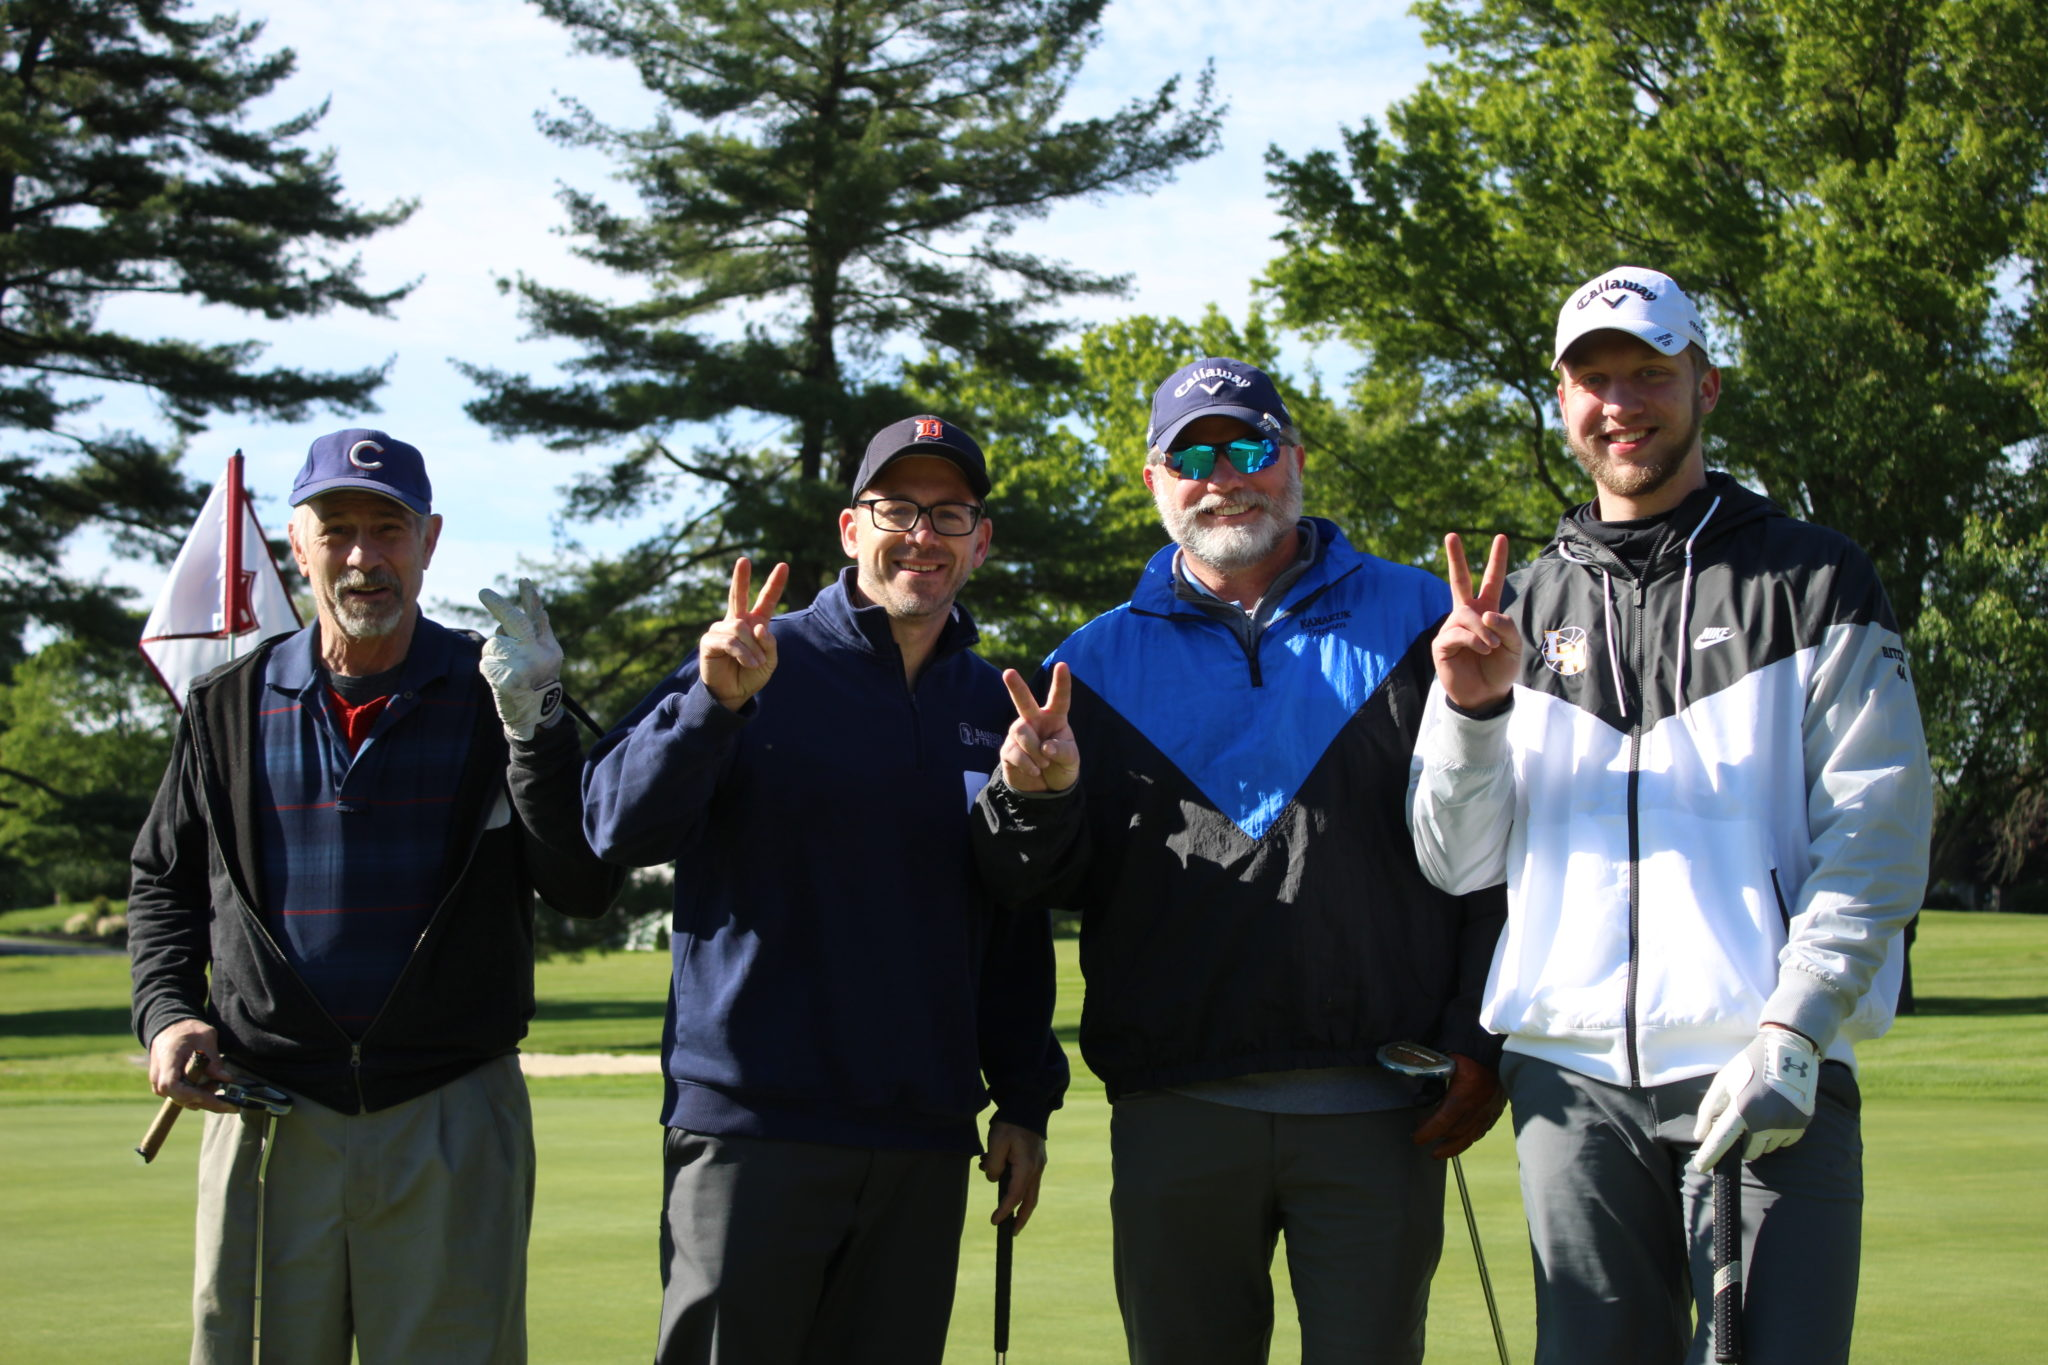 4 male golfers